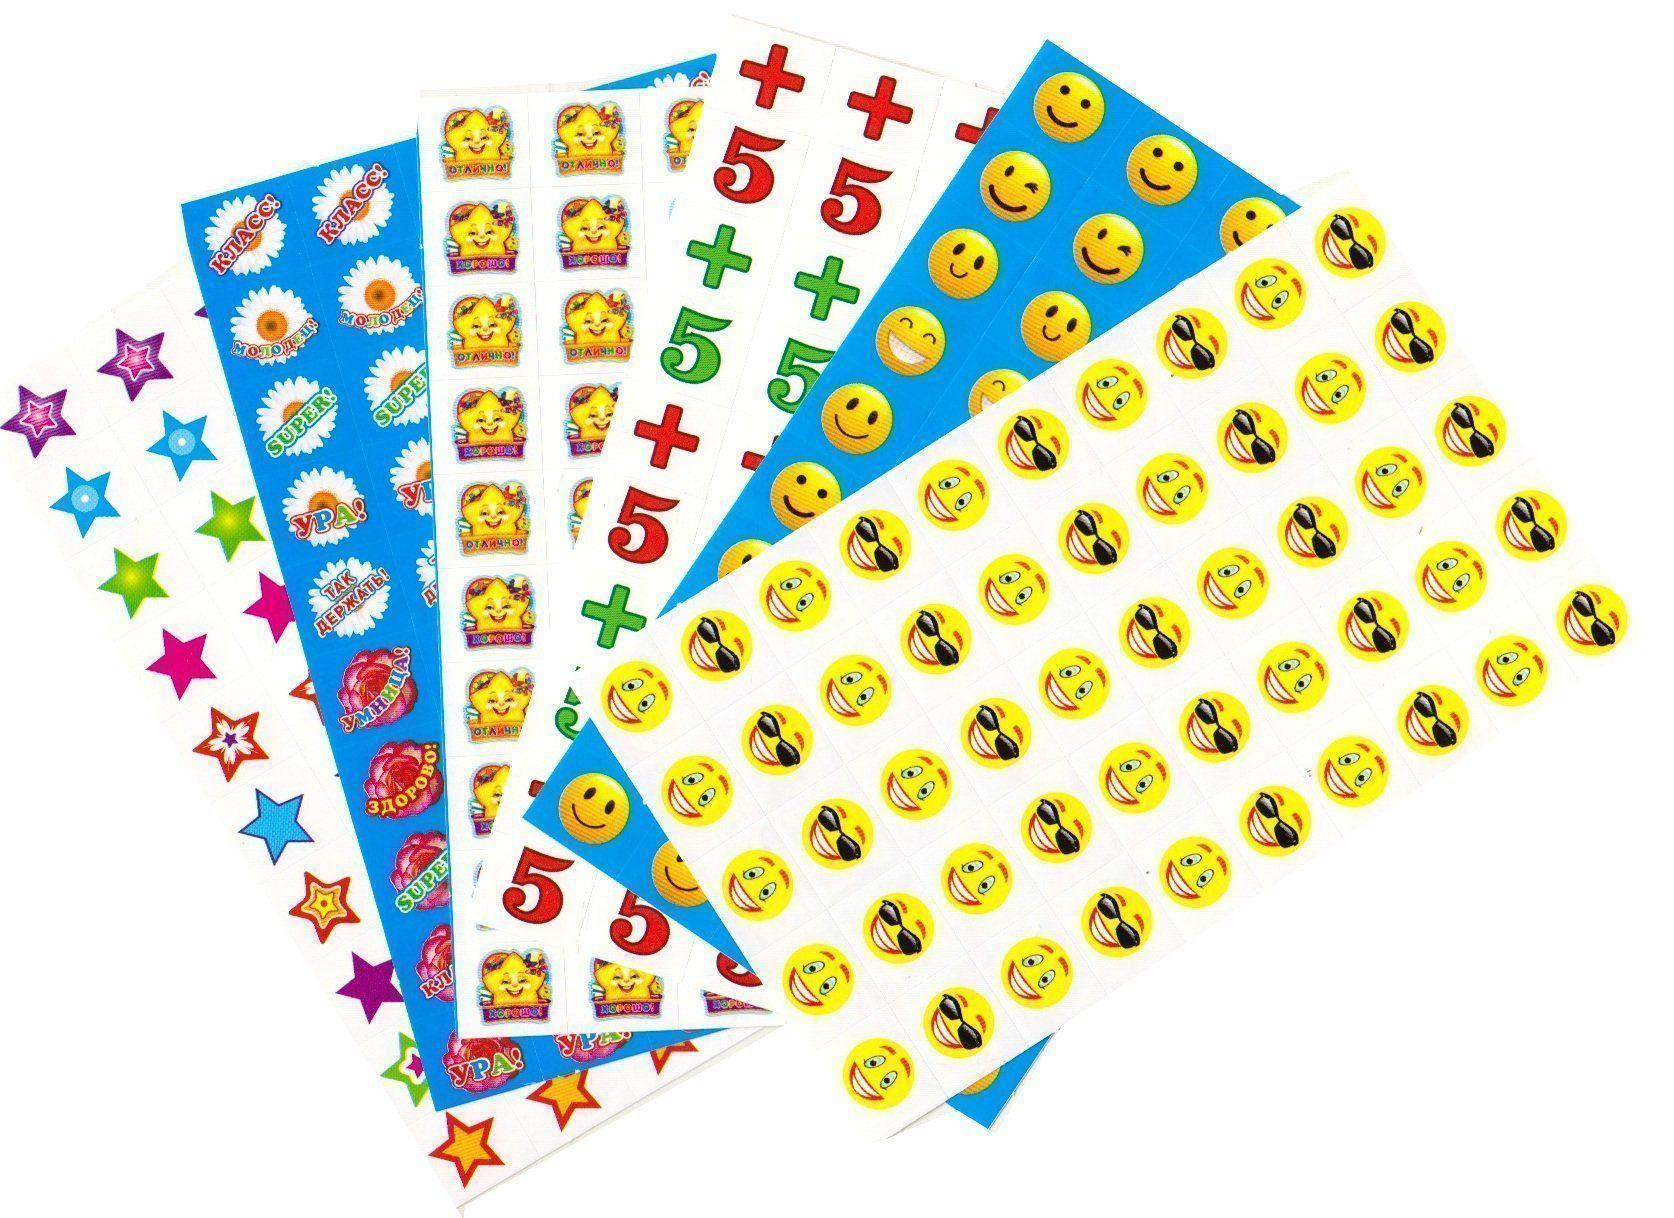 Комплект наклеек для поощрения. 10 видовПоощрительные карточки, наклейки<br>Набор для поощрения на самоклеящейся бумаге.В комплекте 10 штук.<br><br>Год: 2018<br>Высота: 160<br>Ширина: 95<br>Толщина: 3